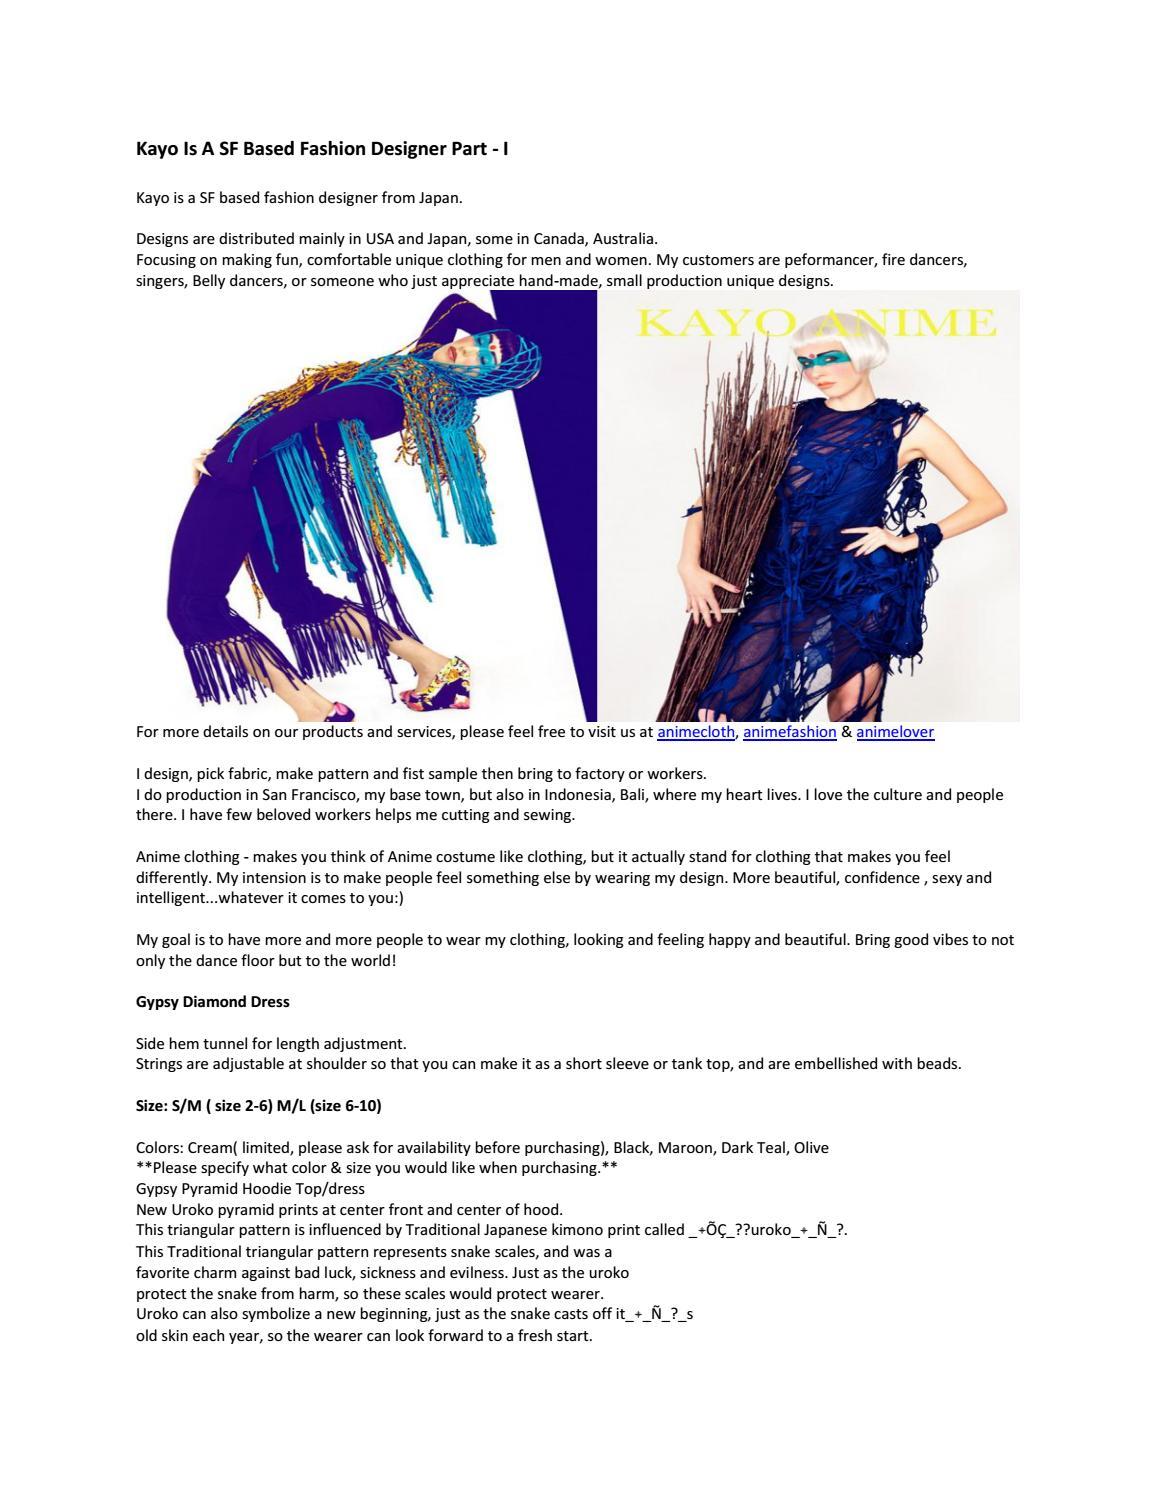 Kayo Is A Sf Based Fashion Designer Part I By Kayo Anime Clothing Myshopify Com Issuu